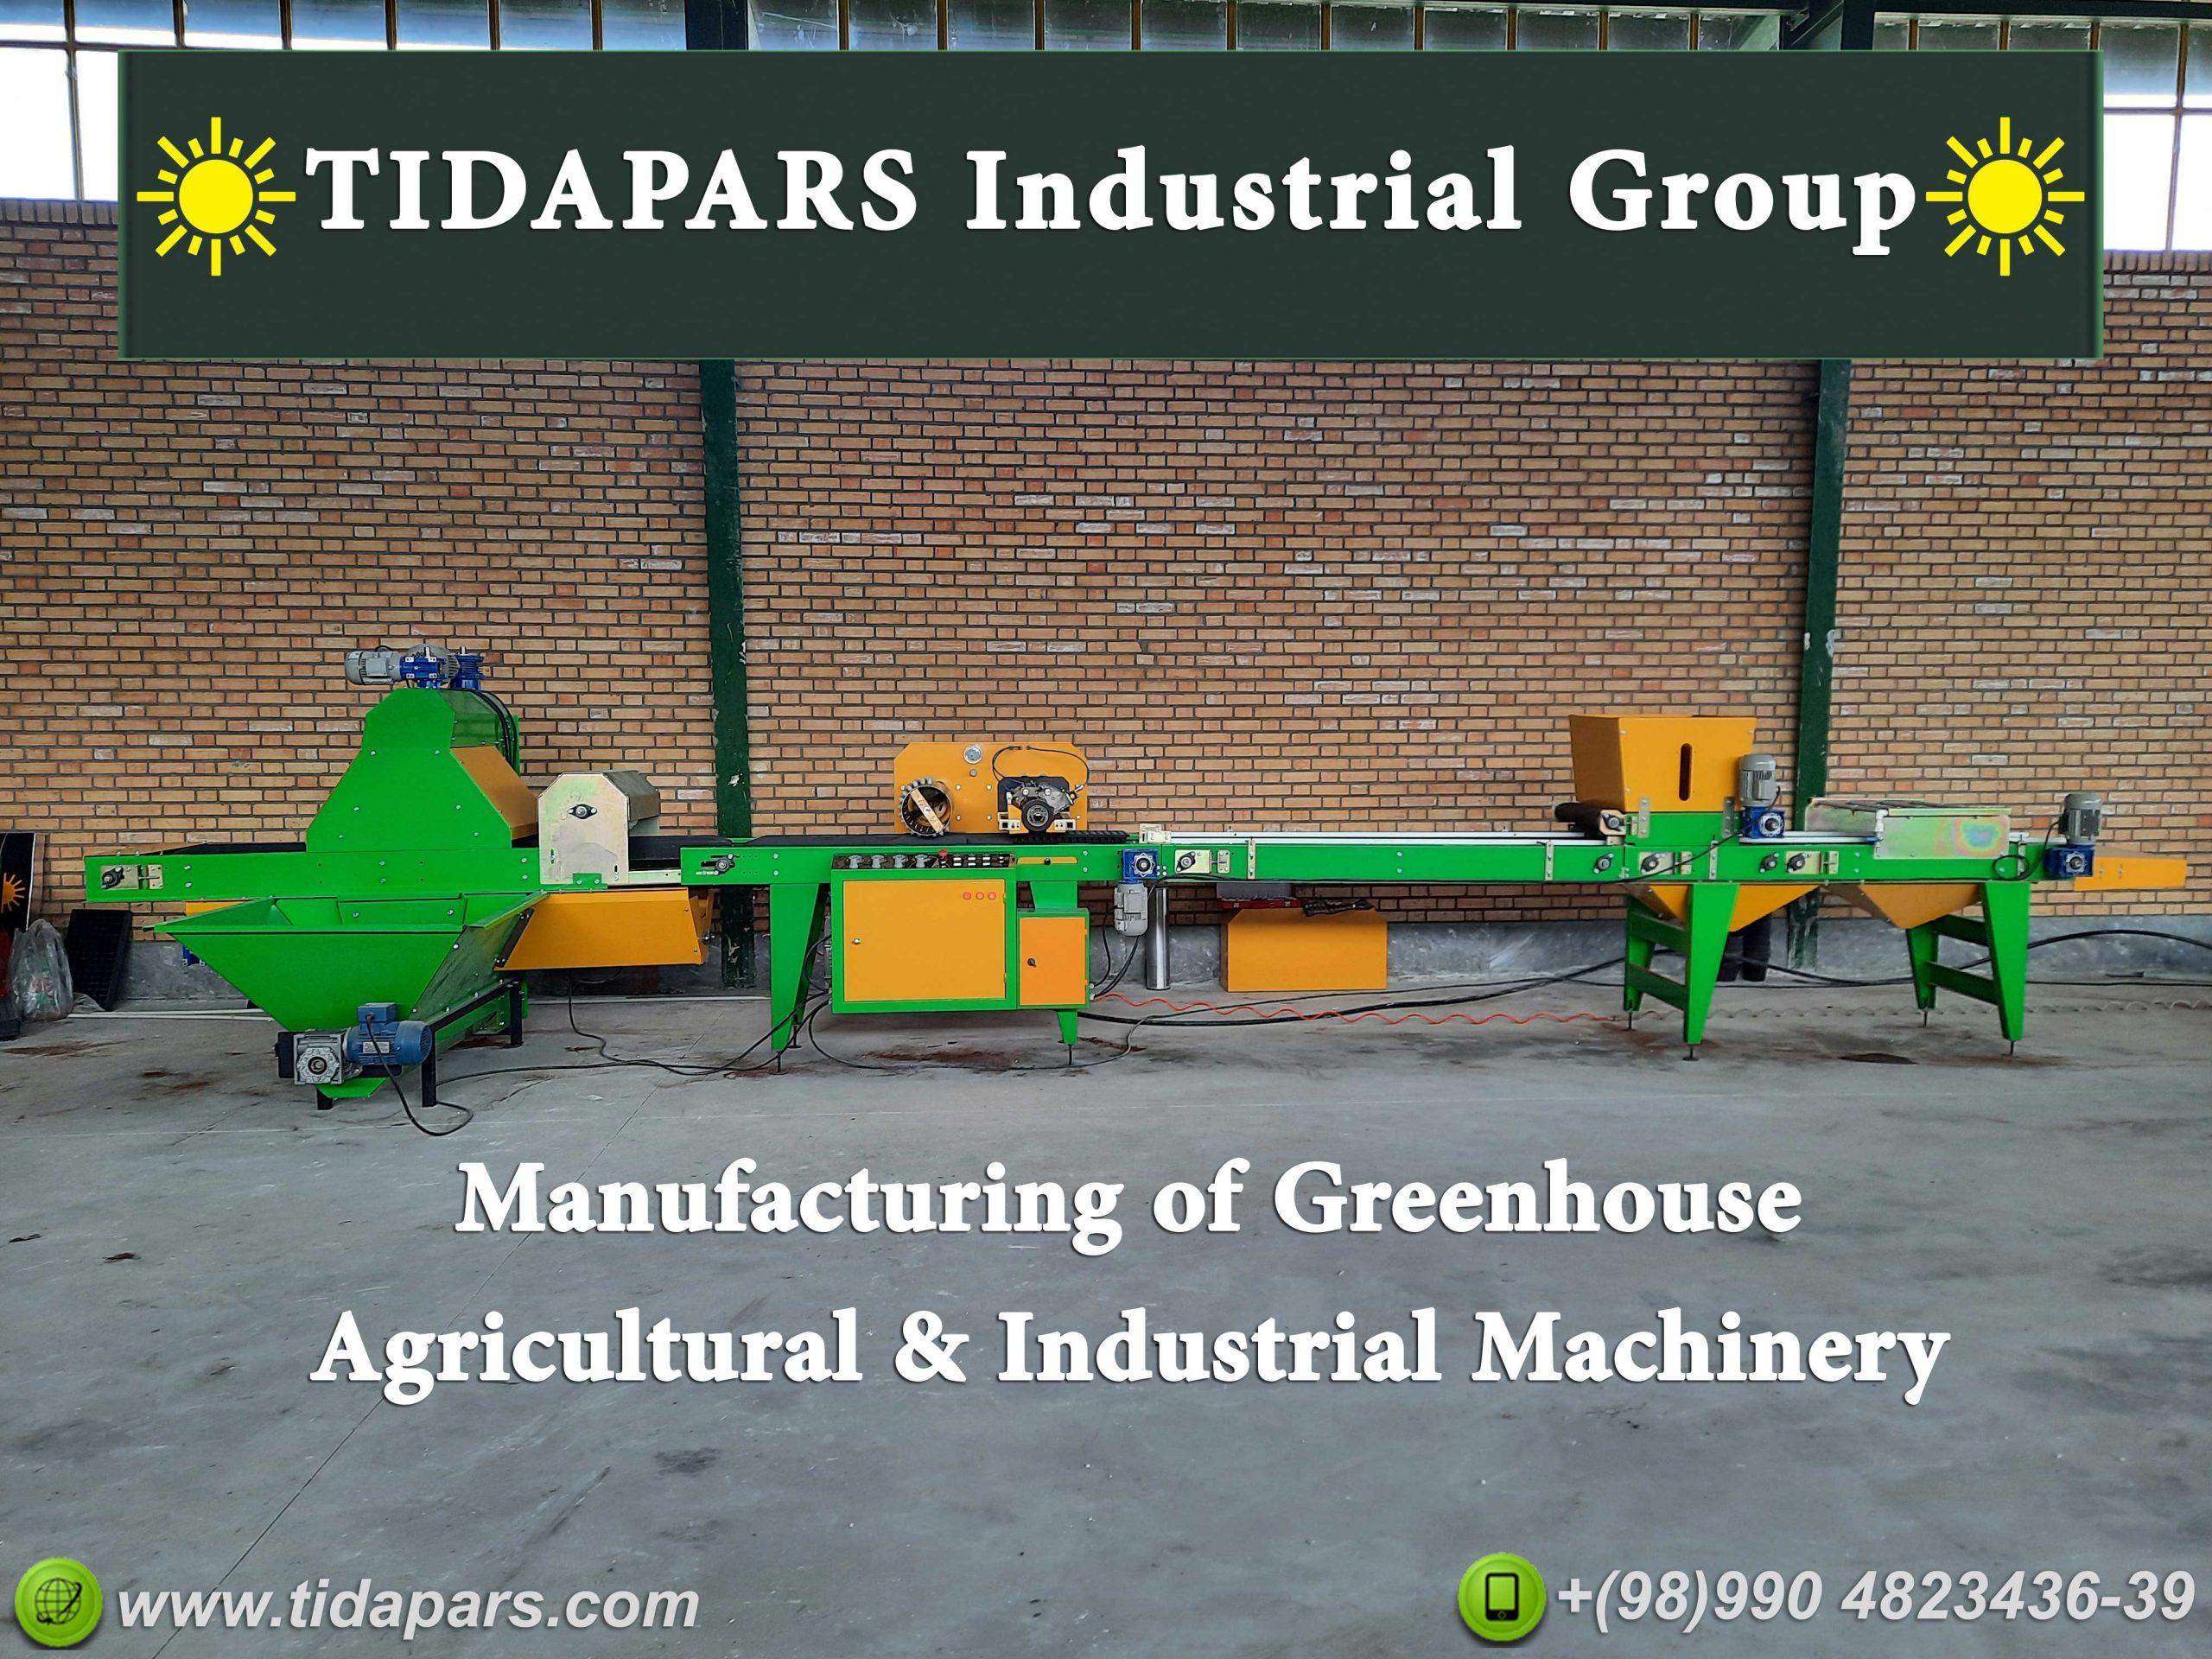 آلة بذارة الدقيق تسمح بإنتاج ميكانيكي لكامل مجموعة بذور الخضروات / الزهور